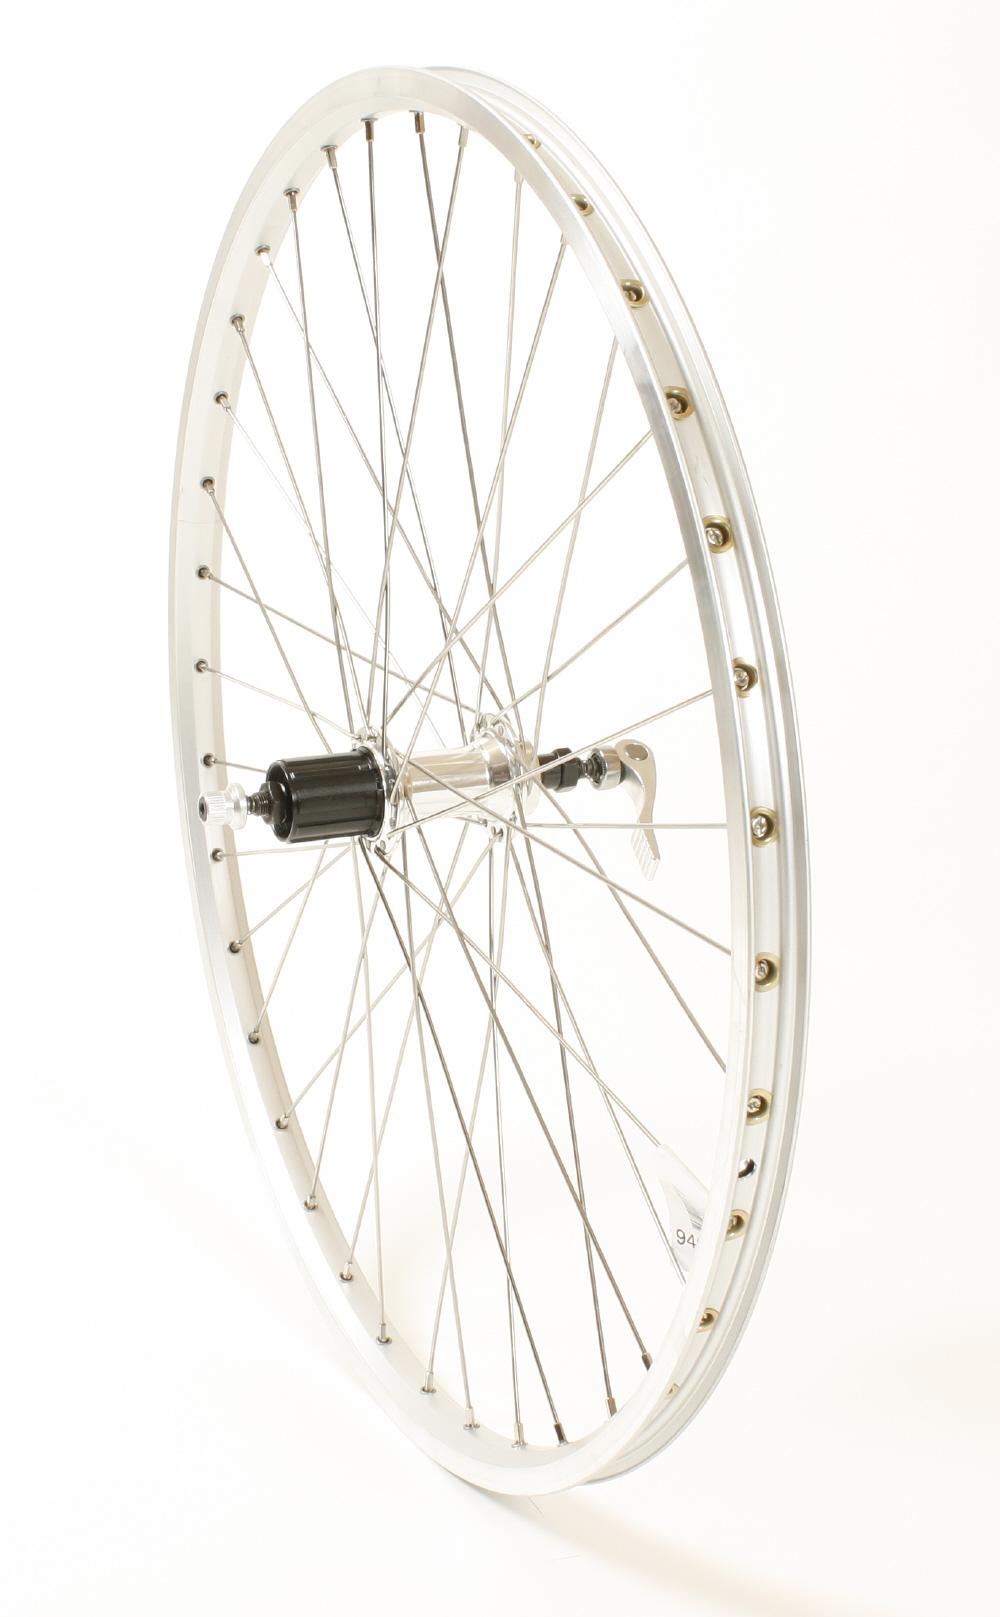 Connect MTB baghjul - 26 x 1.75 - 8/10 gear - Ryde ZAC 19 fælg - Sølv   Rear wheel